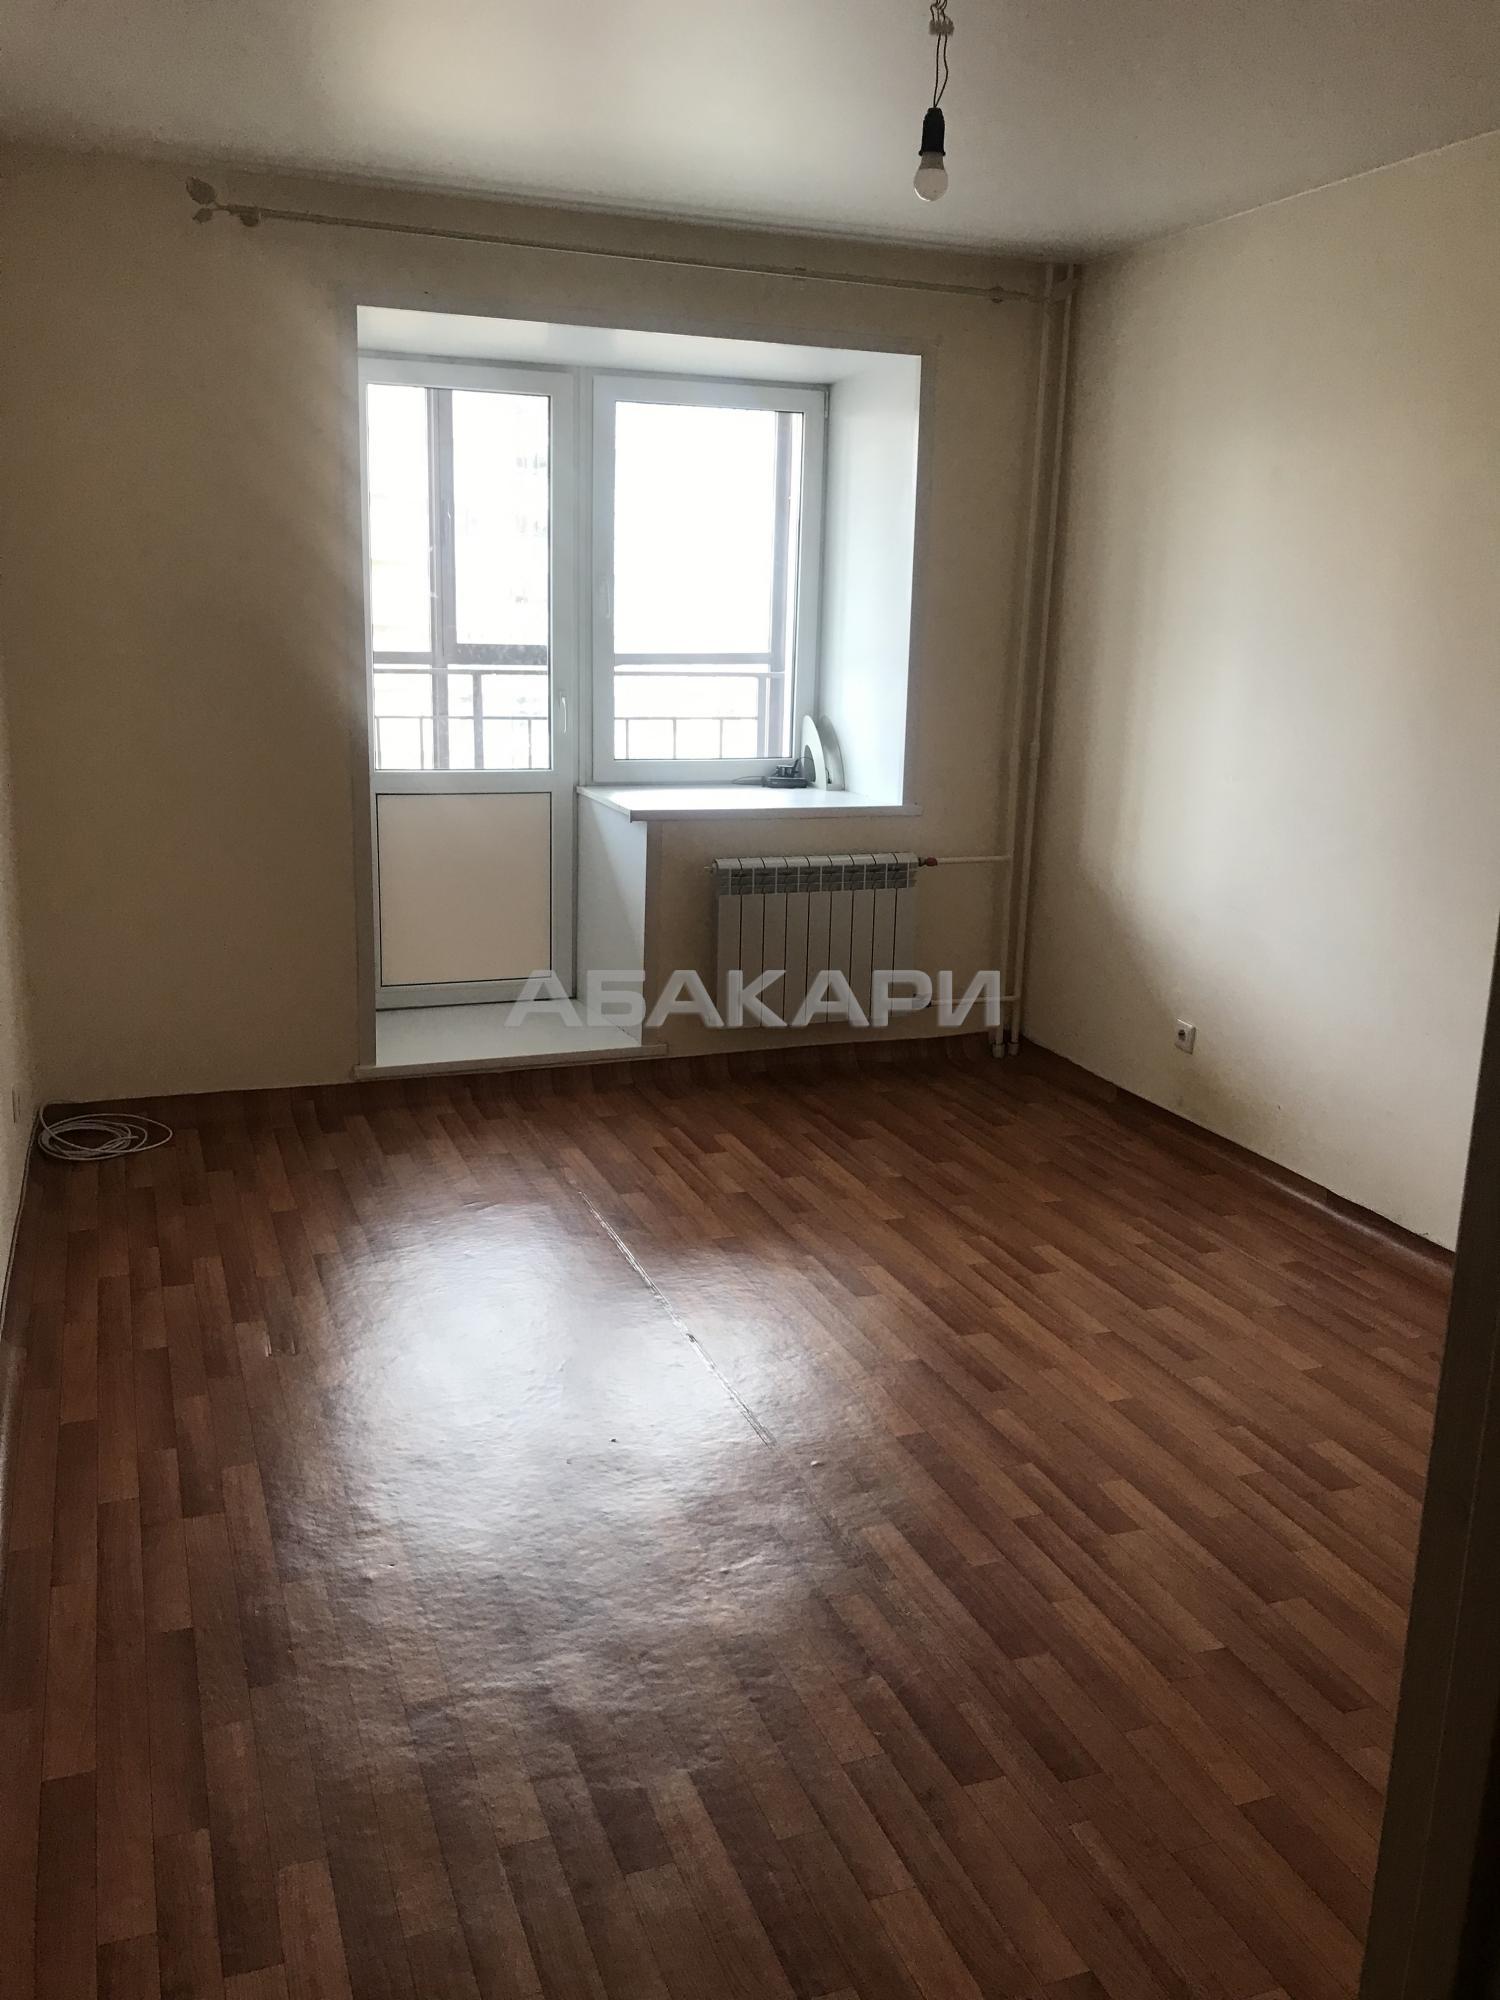 1к квартира улица Карамзина, 20 11/14 - 38кв | 13000 | аренда в Красноярске фото 0